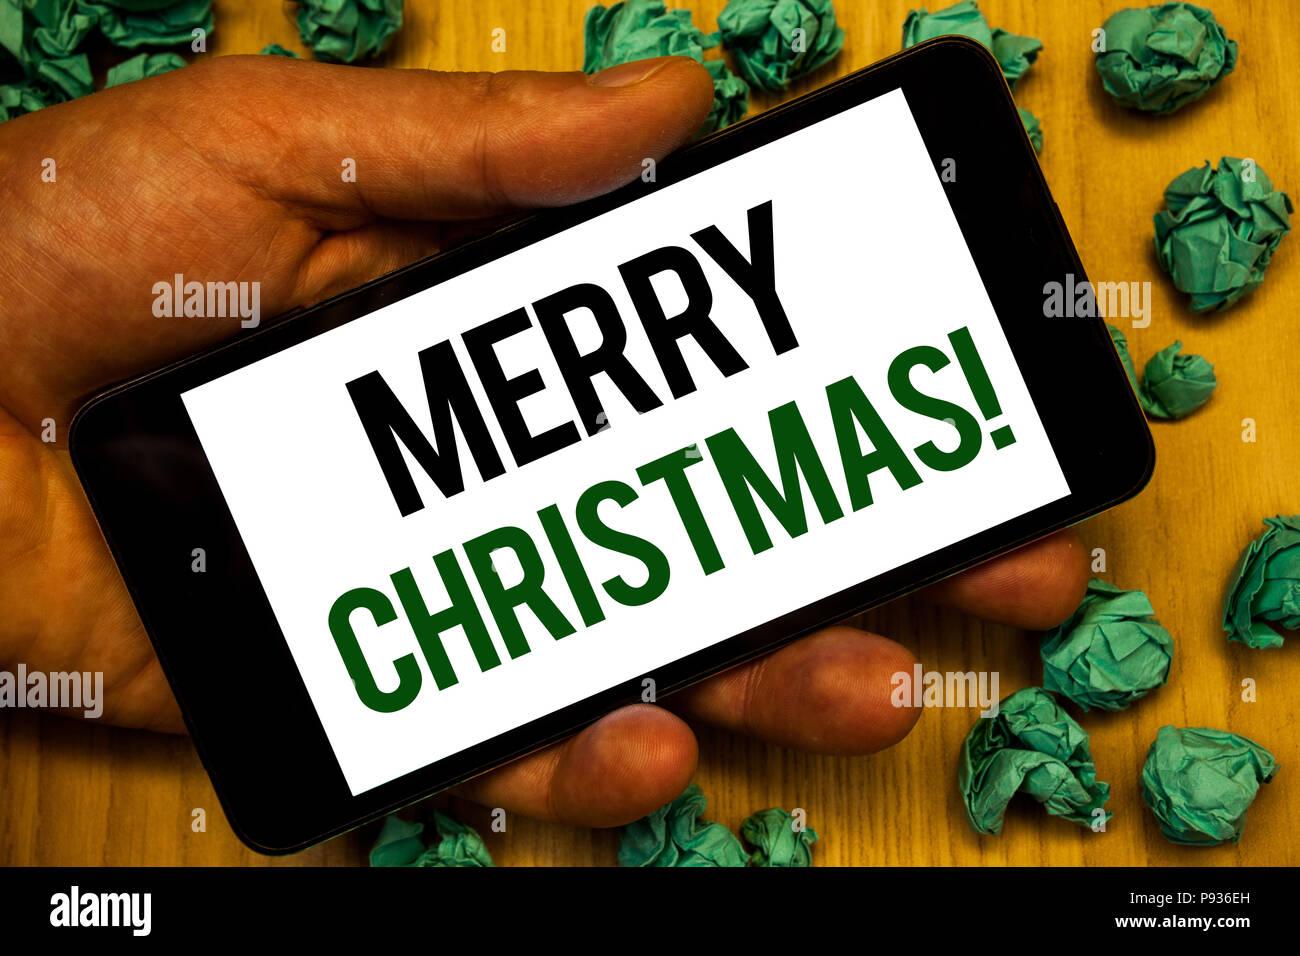 In Diesem Sinne Frohe Weihnachten.Handschrift Text Frohe Weihnachten Motiv Nennen Begriff Sinne